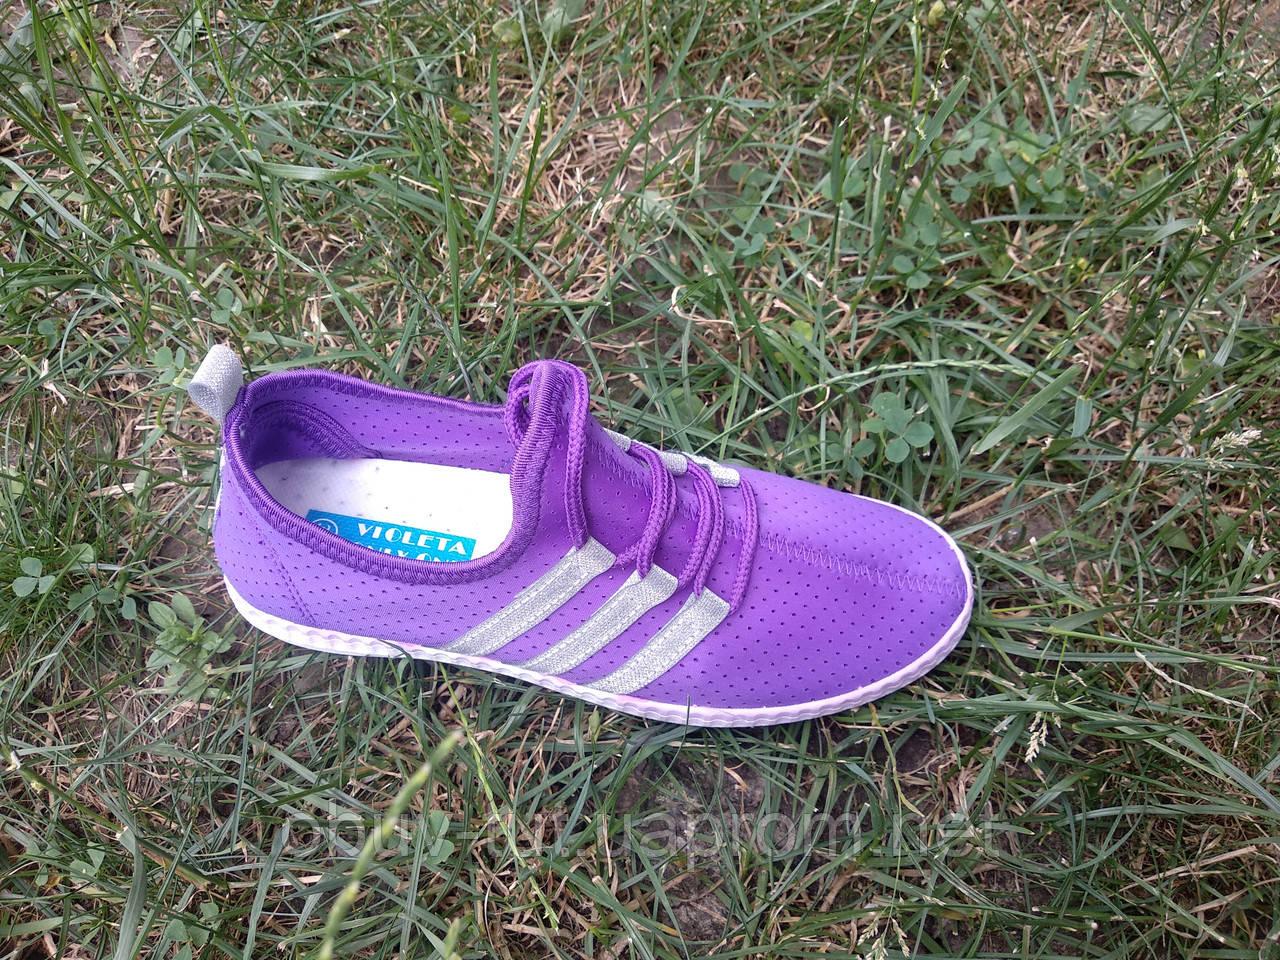 Кроссовки фиолетовые сетка, размеры: 36,37,38,39,40,41